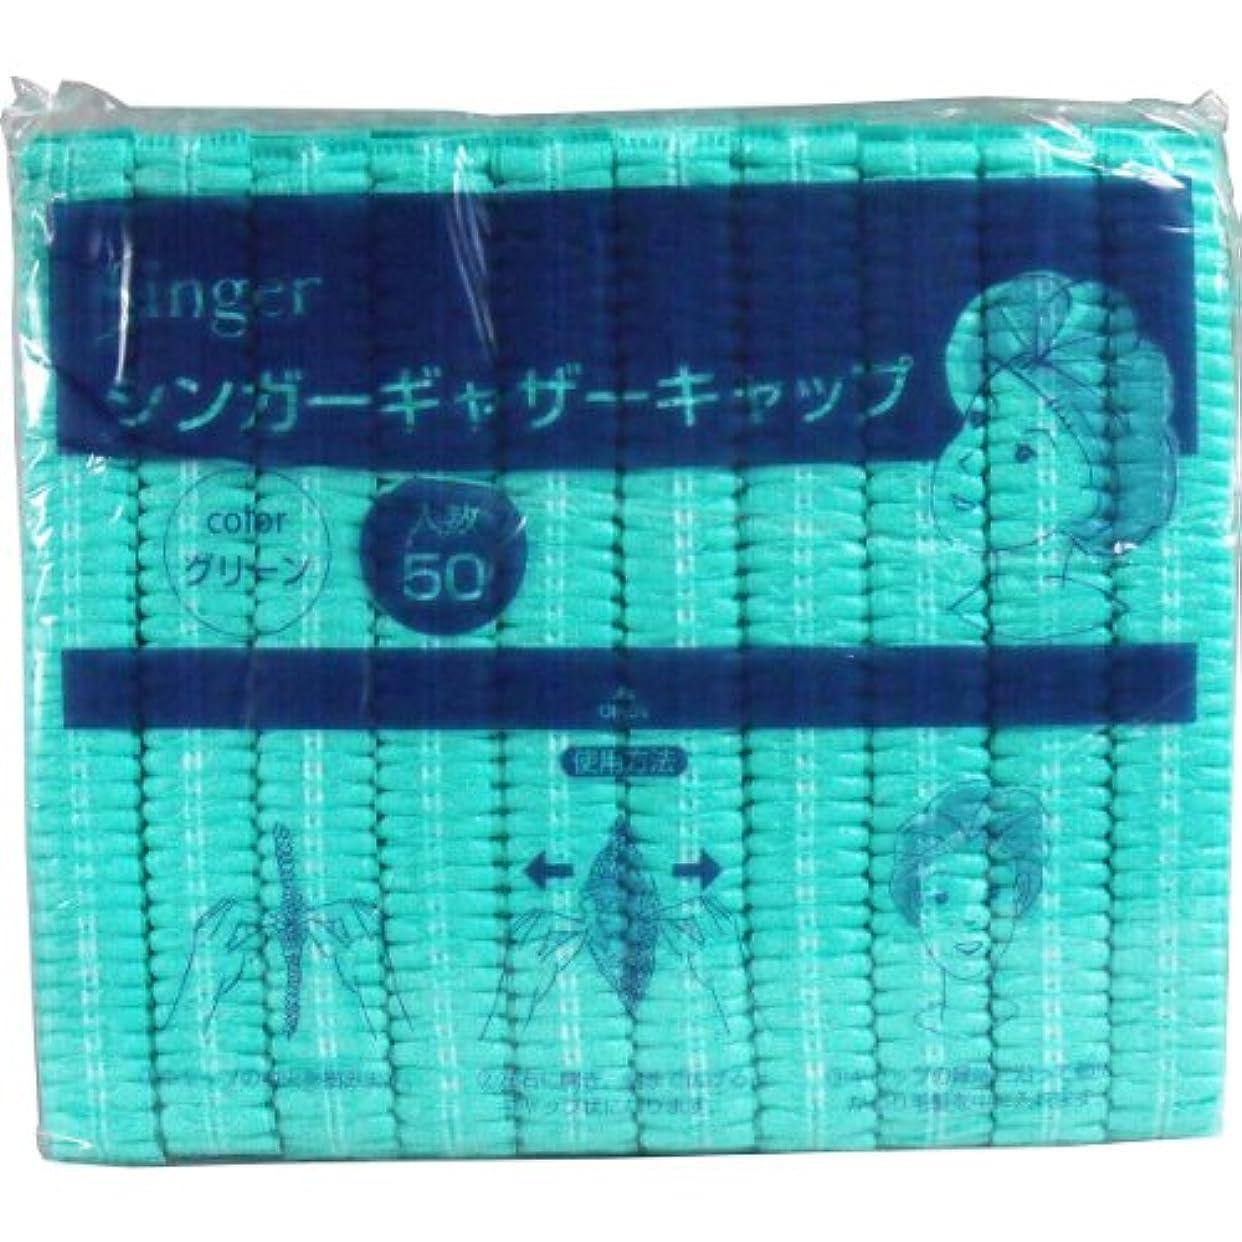 保持思い出させる意欲宇都宮製作 不織布製衛生キャップ シンガーギャザーキャップ 50枚入 グリーン